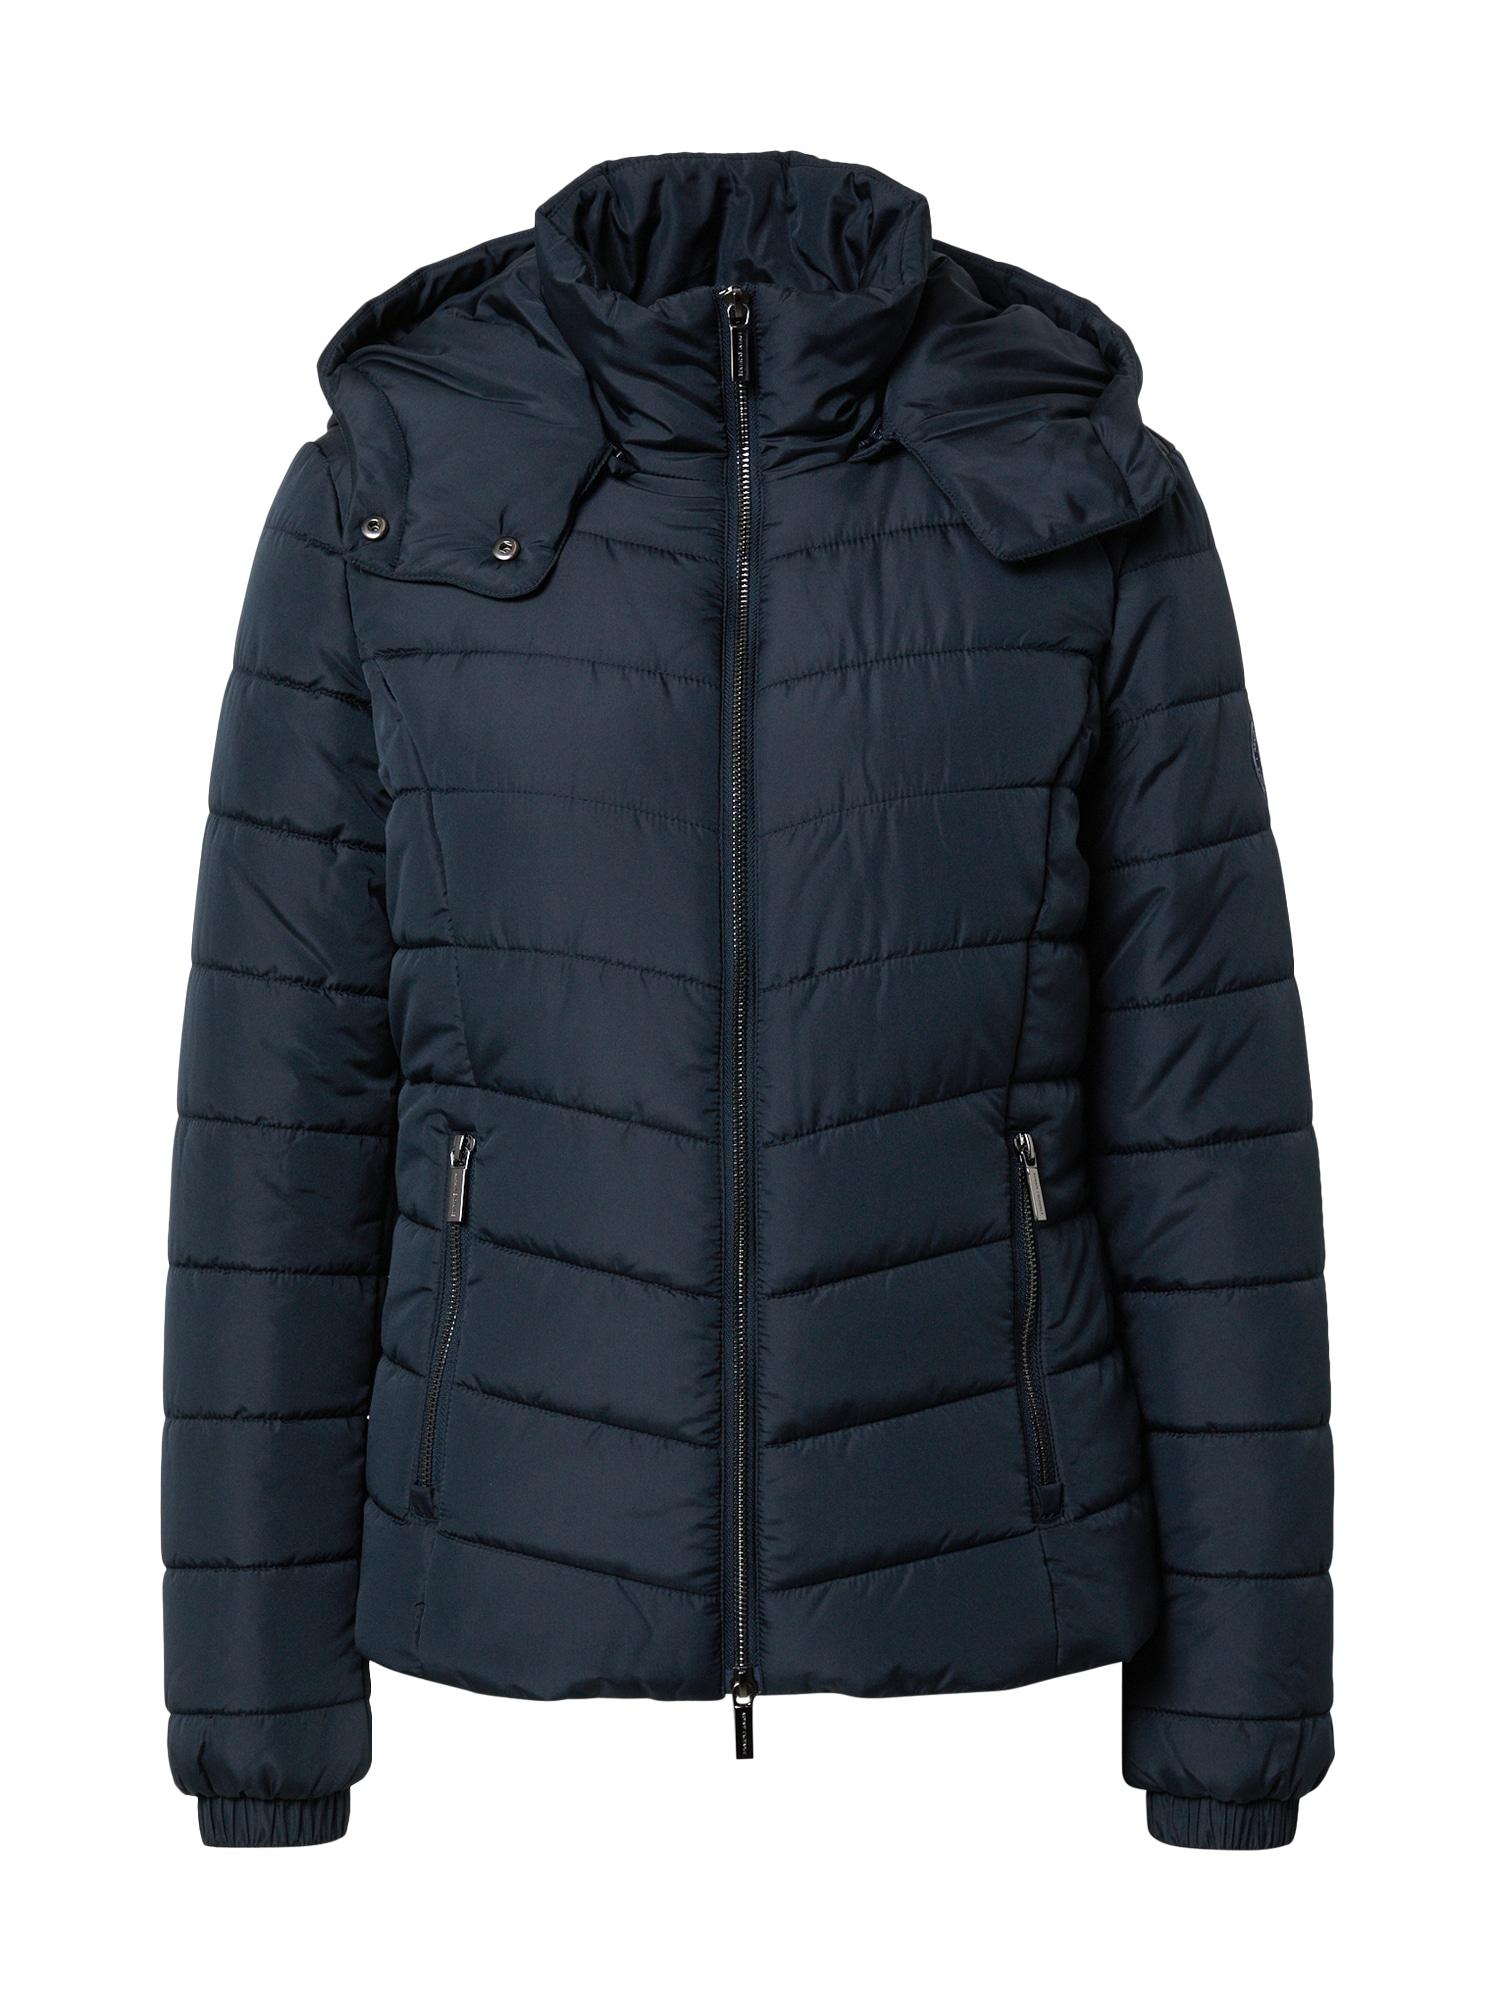 ARMANI EXCHANGE Žieminė striukė tamsiai mėlyna